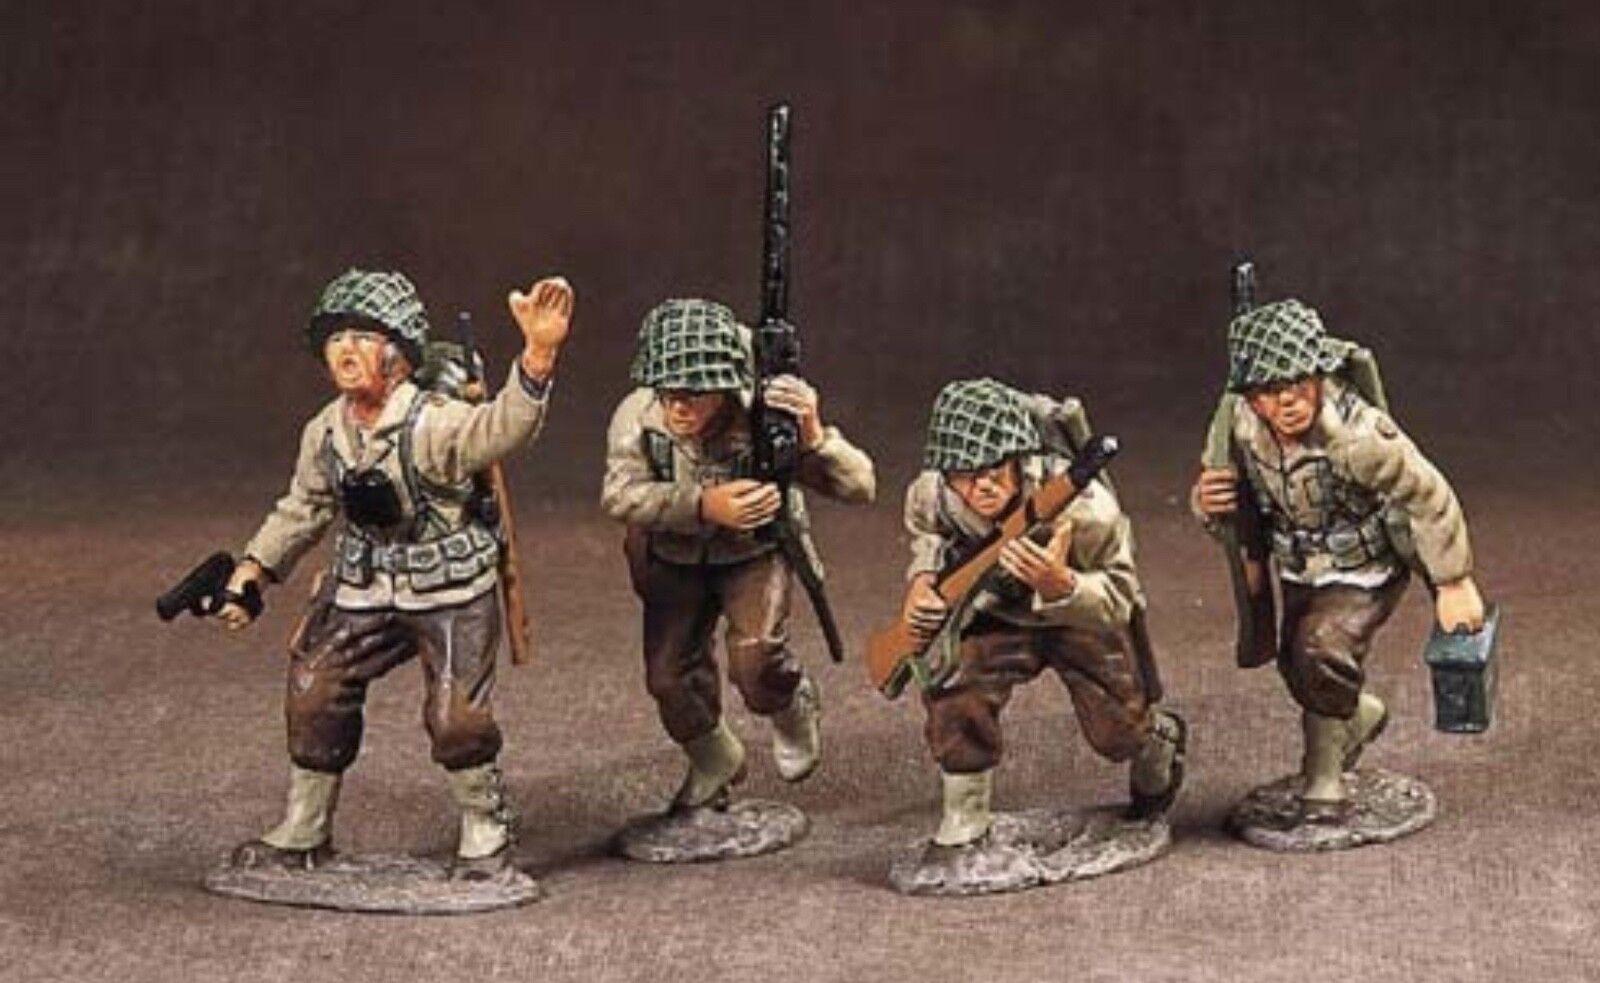 King och Country DD015 DDAY Beach Assault Team